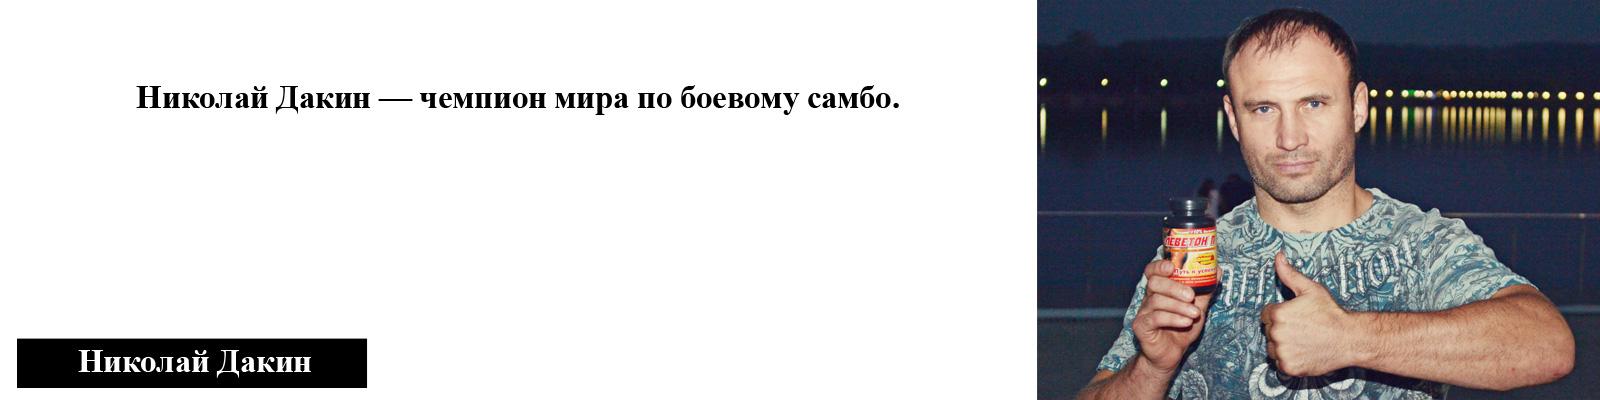 дакин